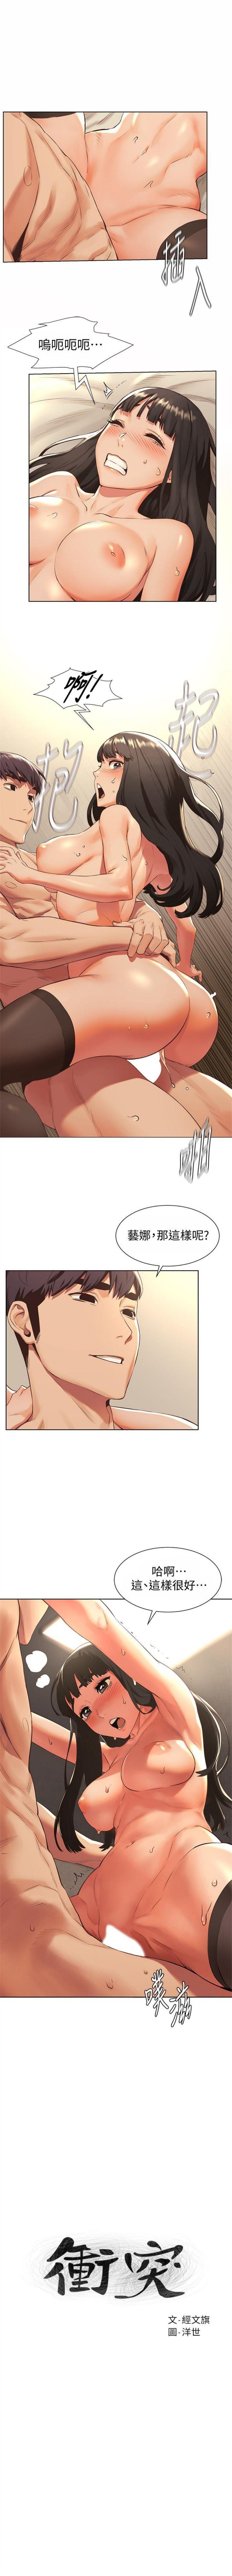 (週5)衝突 1-94 中文翻譯 (更新中) 528